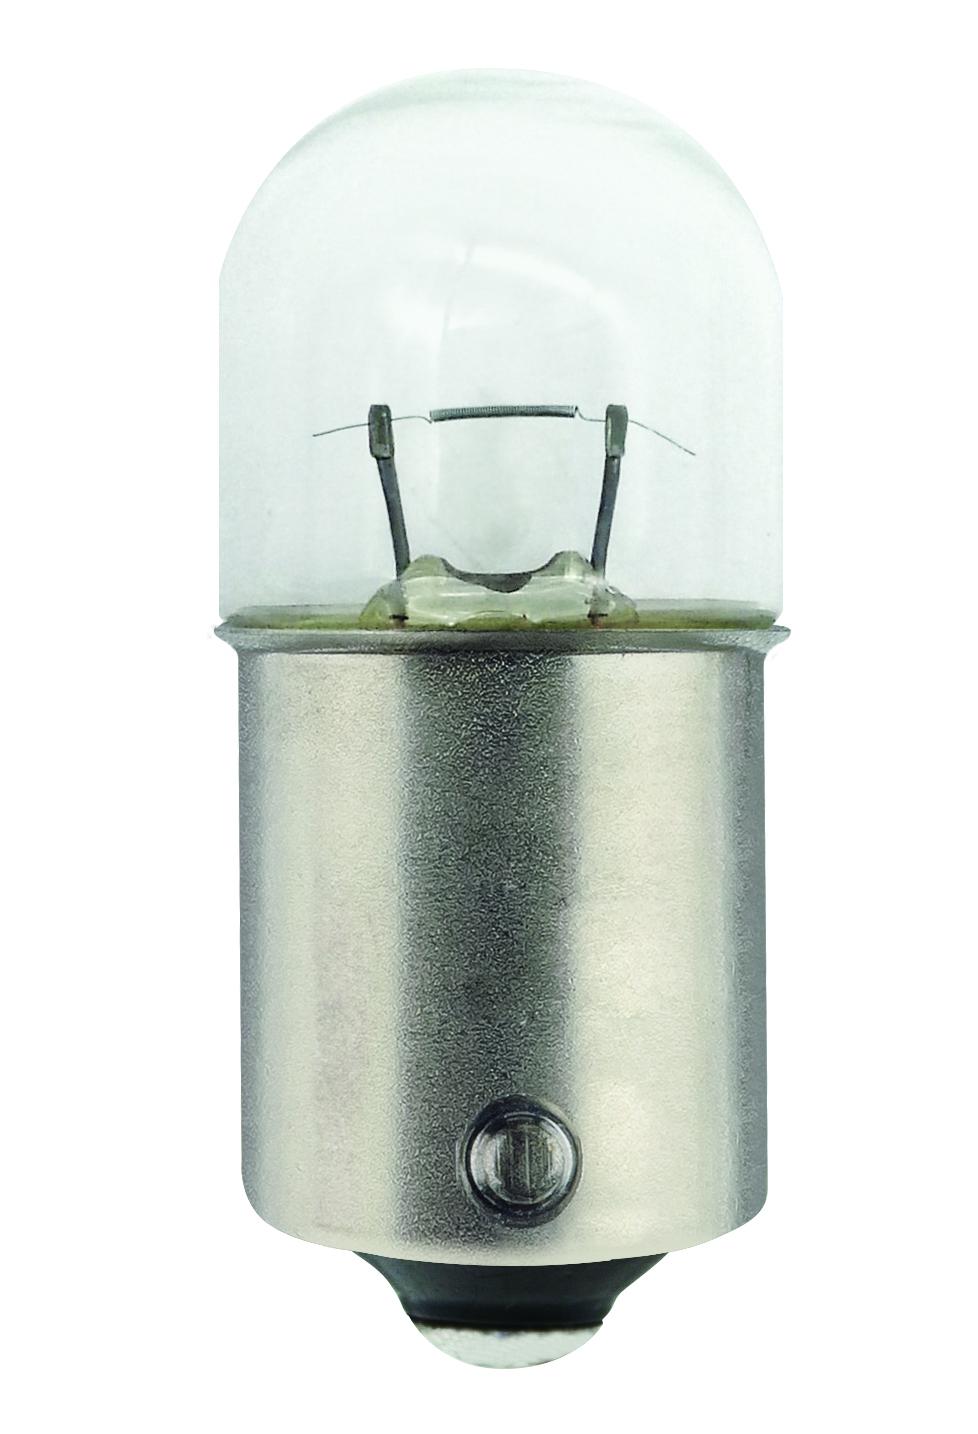 Hella Engine Compartment Light Bulb LB-5007 5007